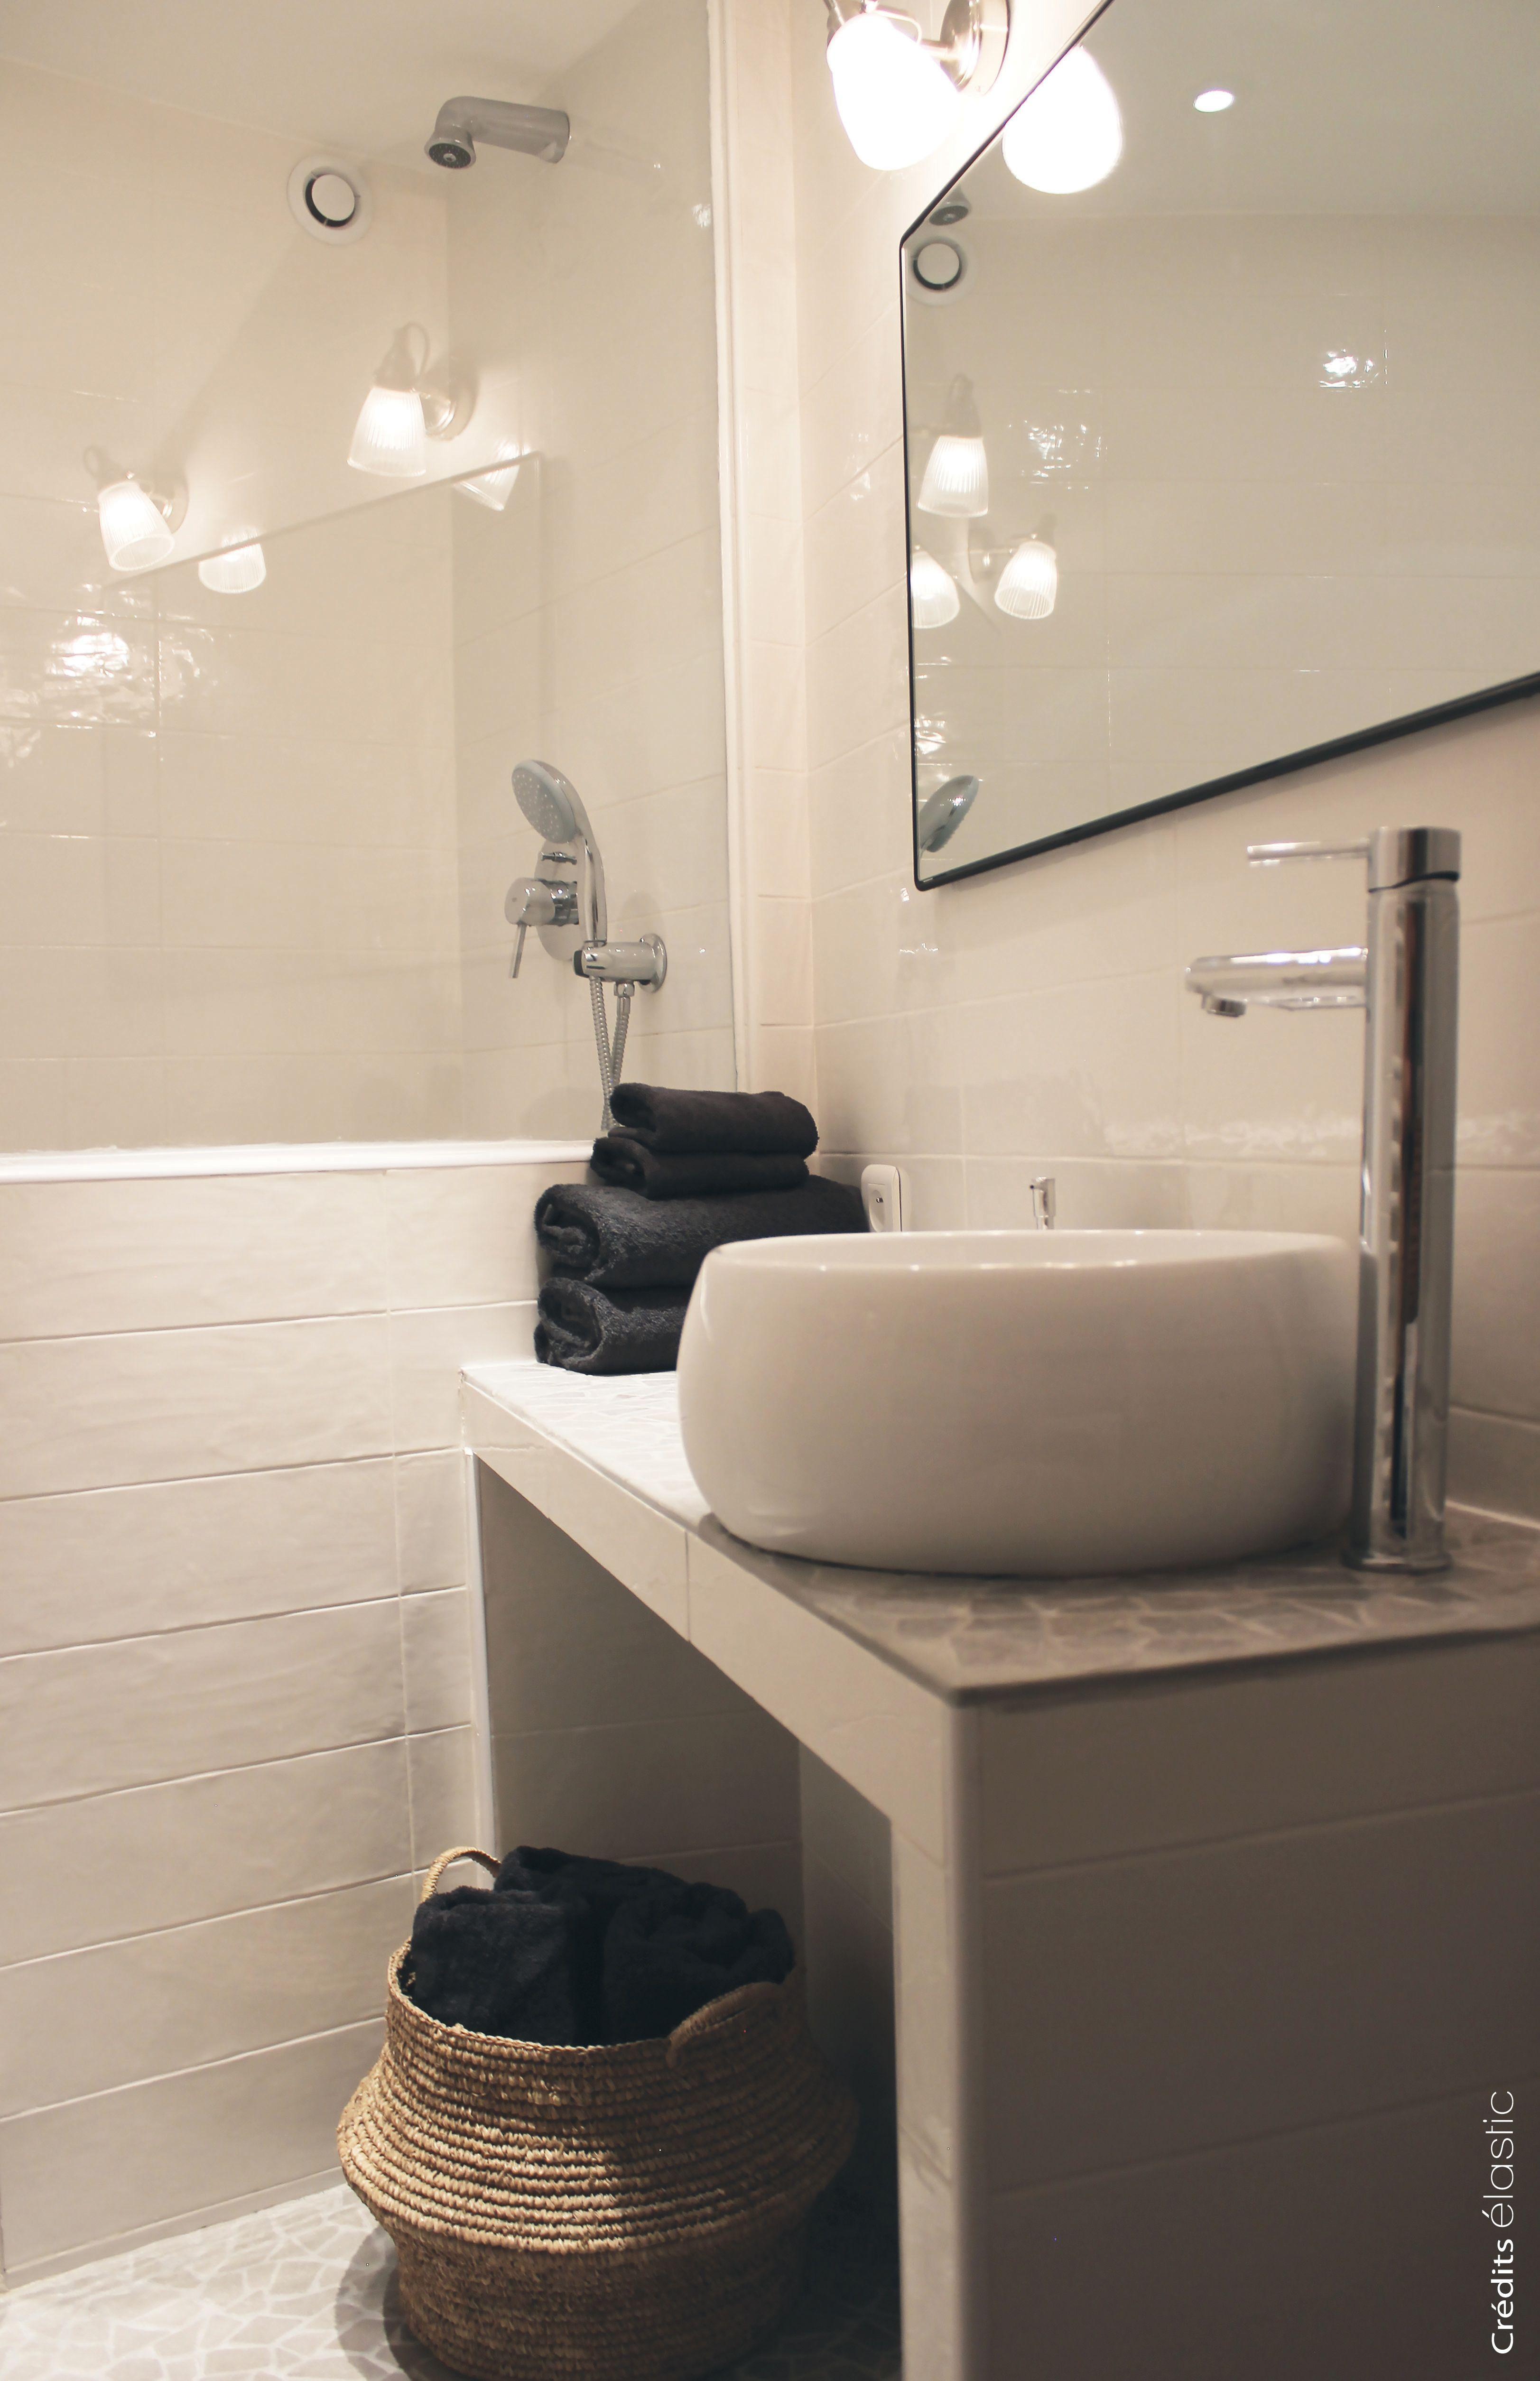 Plan Vasque Maconne Vasque Ceramique Posee Sol Carrele En Opus Incertum C Elastic Carelage Salle De Bain Salle De Bain Mansardee Plan Vasque